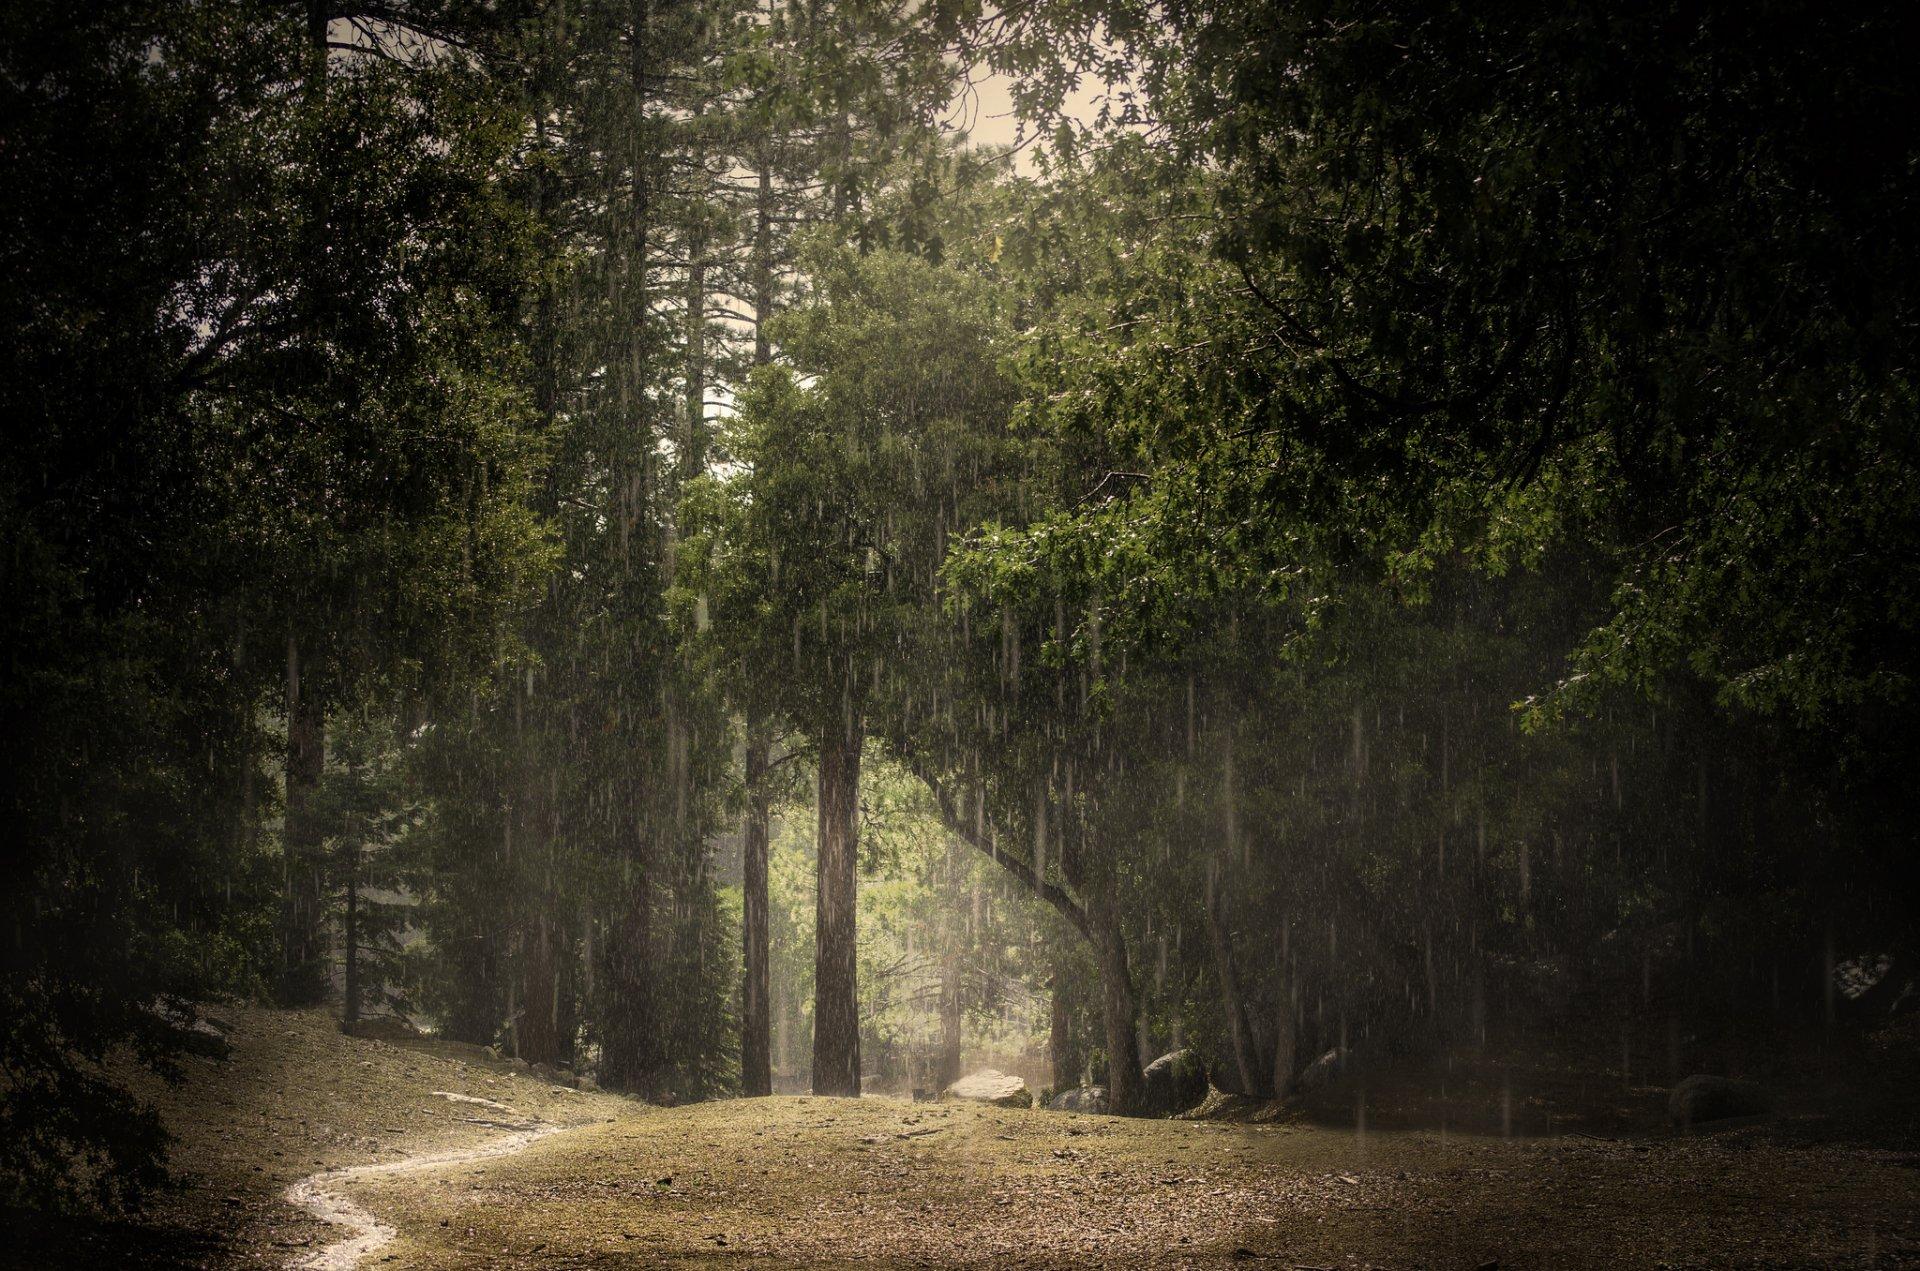 фото дождливого леса личные сообщения группы